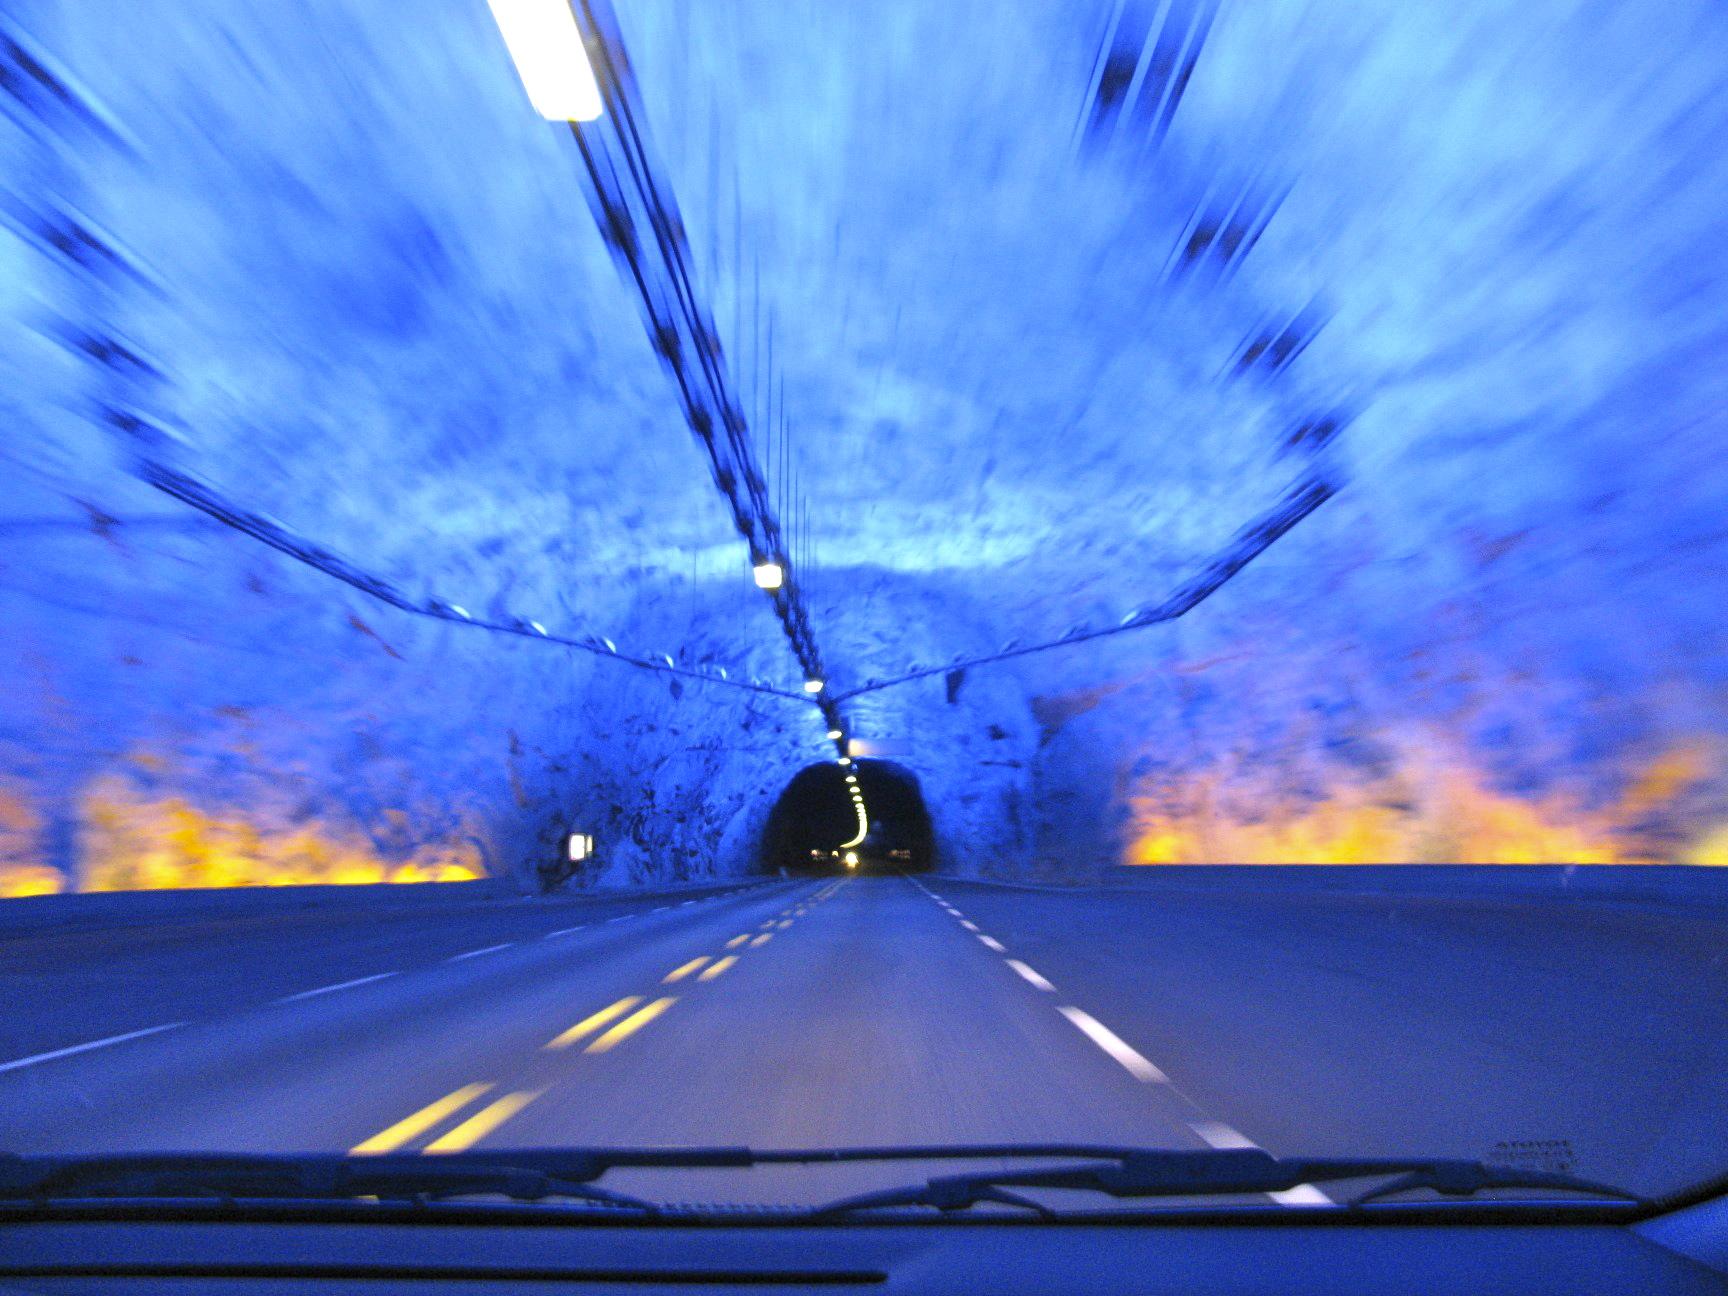 Tw Längster Autotunnel Der Welt Themenwoche Galerie